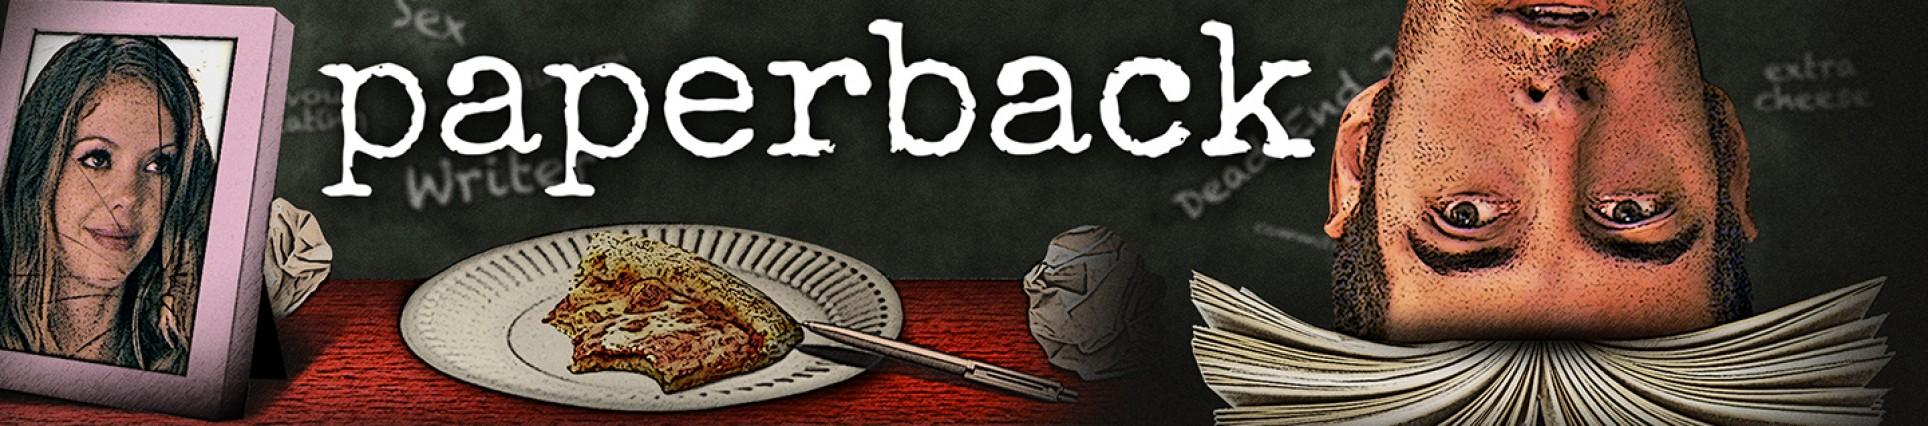 PAPERBACK_banner